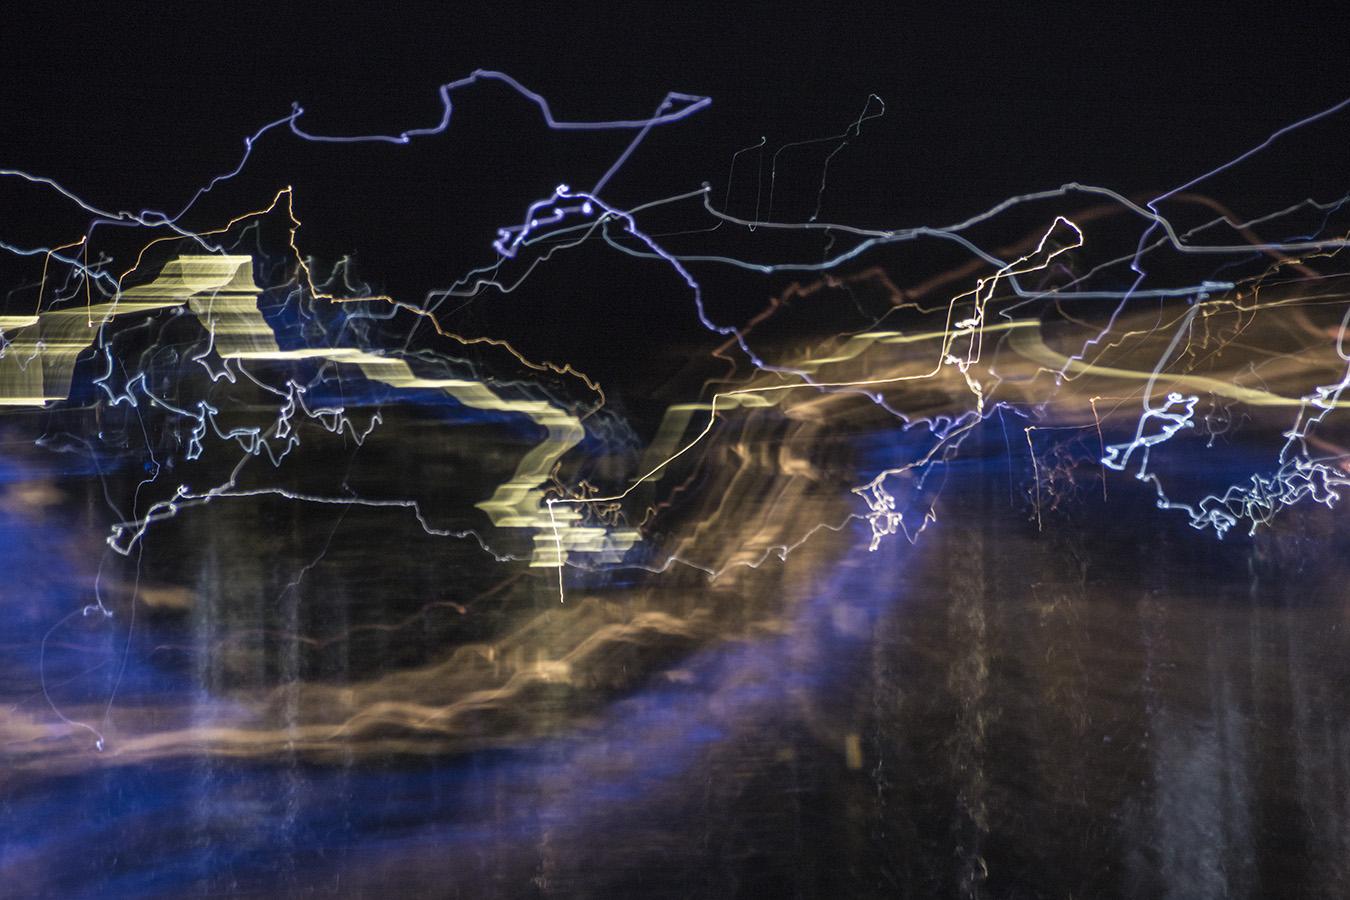 Watercraft at Night